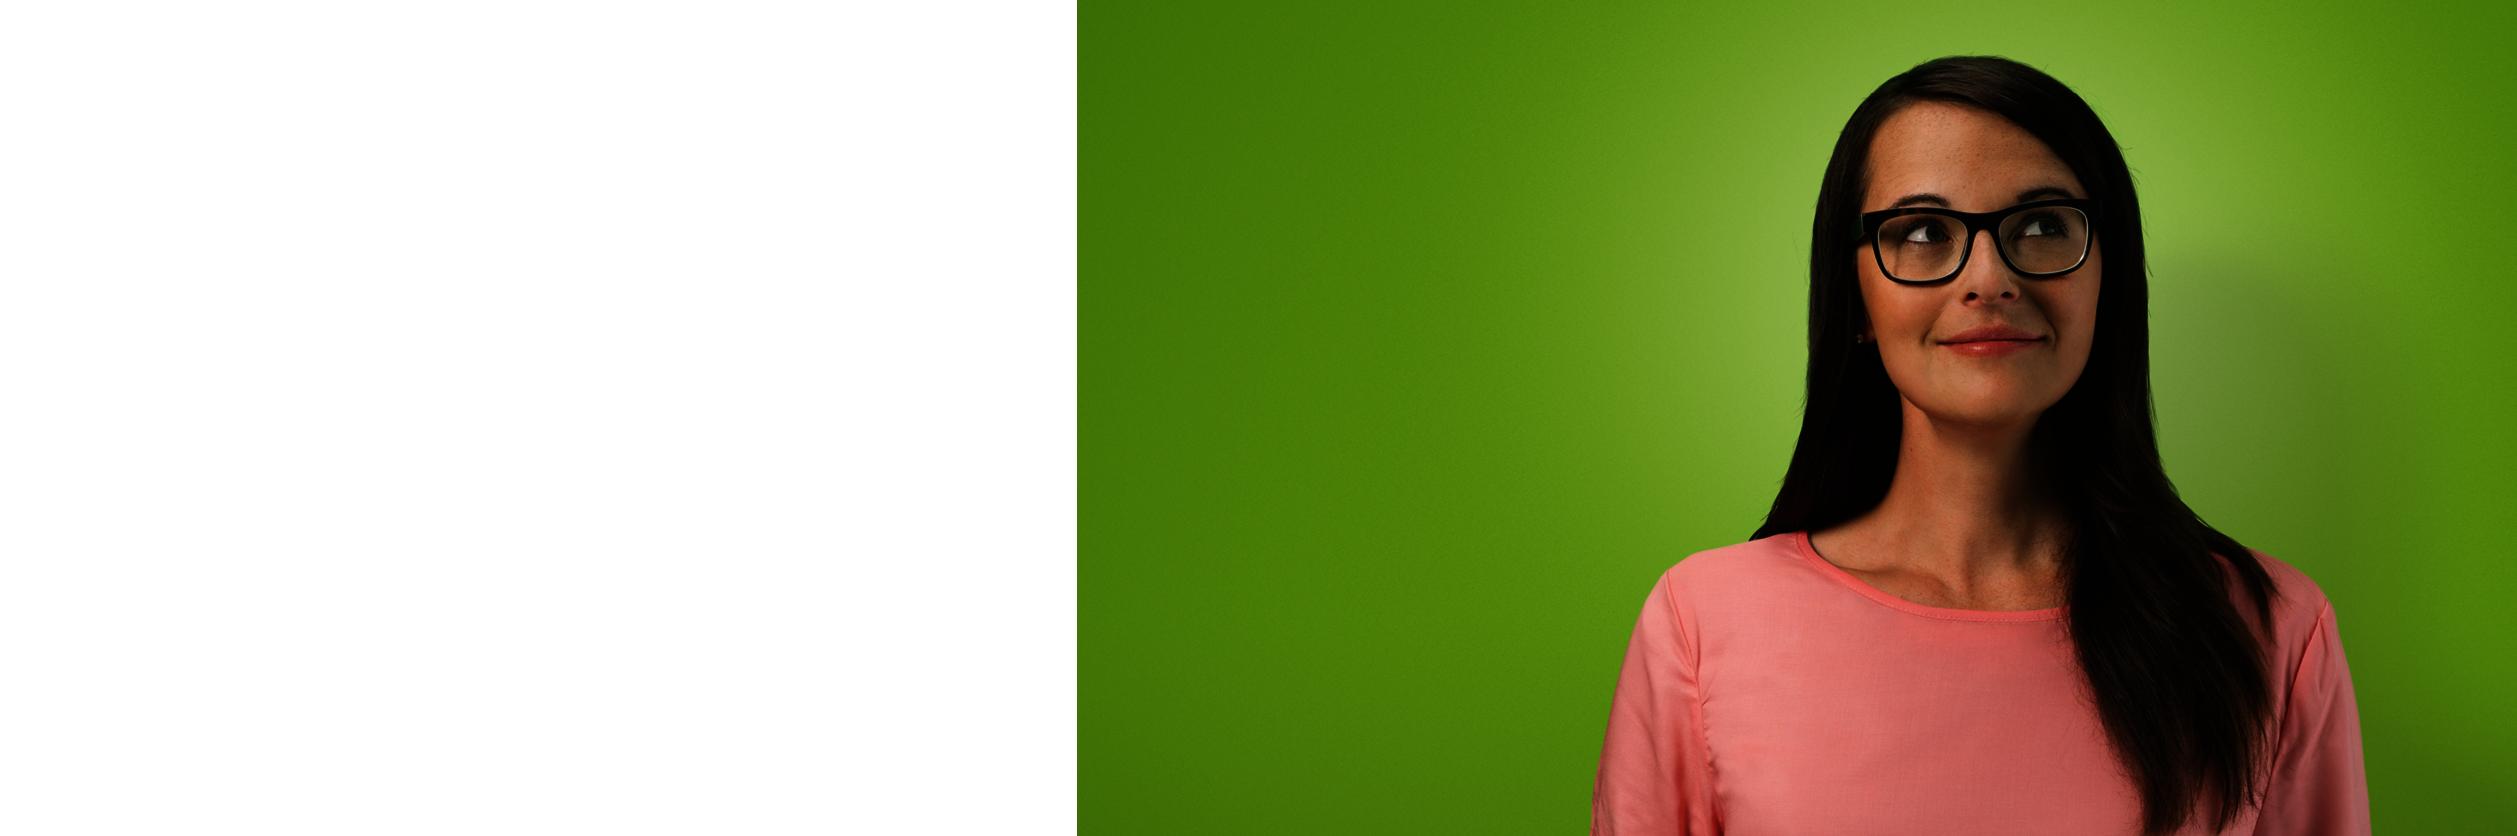 Eine Frau mit Brille auf grünen Hintergrund.